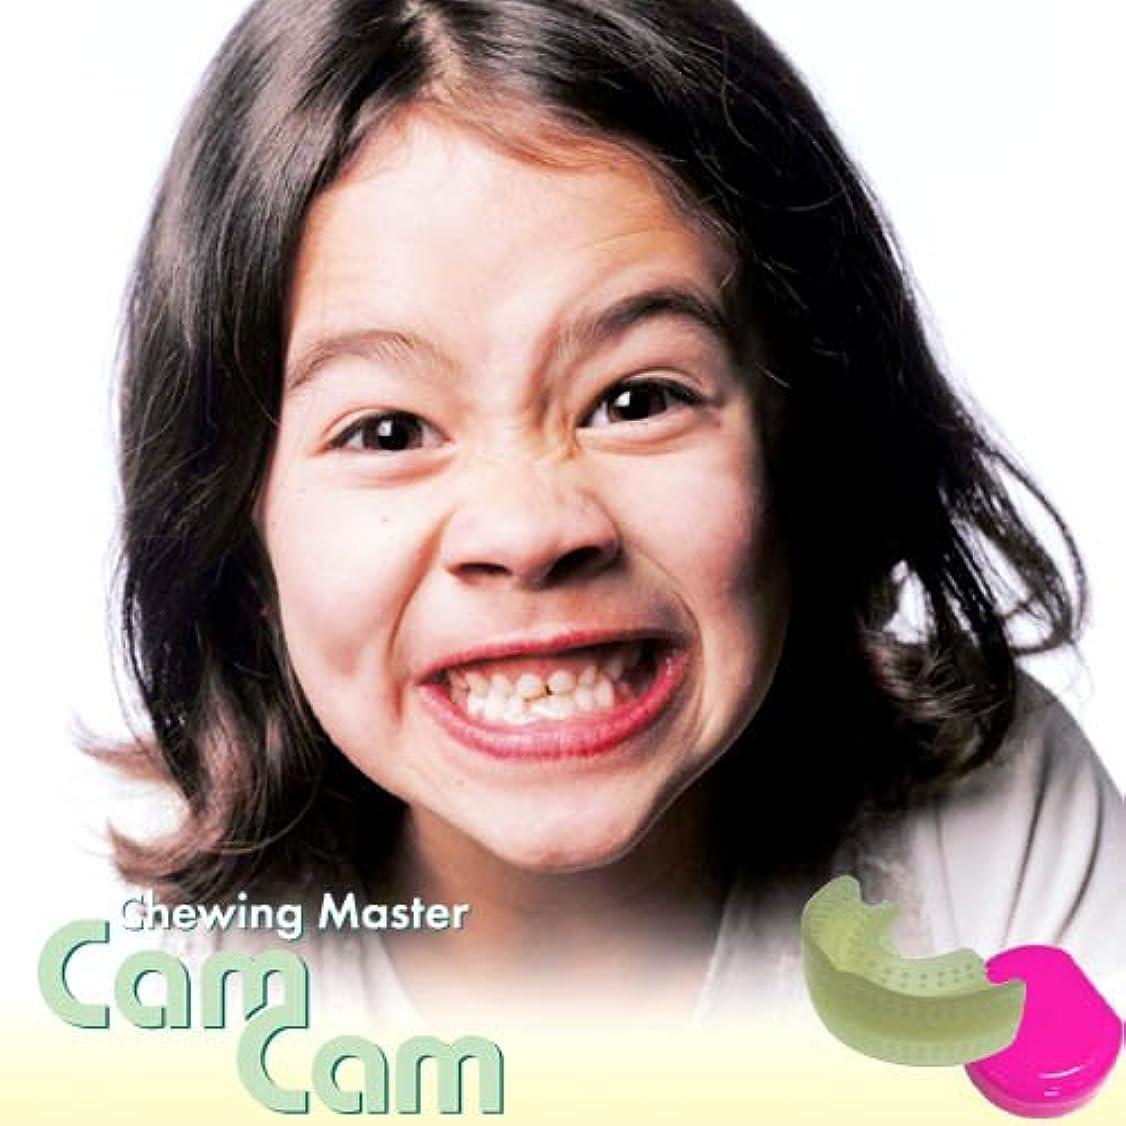 どちらか大工同化歯科医師開発 口腔筋機能トレーニングマウスピース【CamCam ST】カムカム (ピンク) 乳歯列期から混合歯列期用